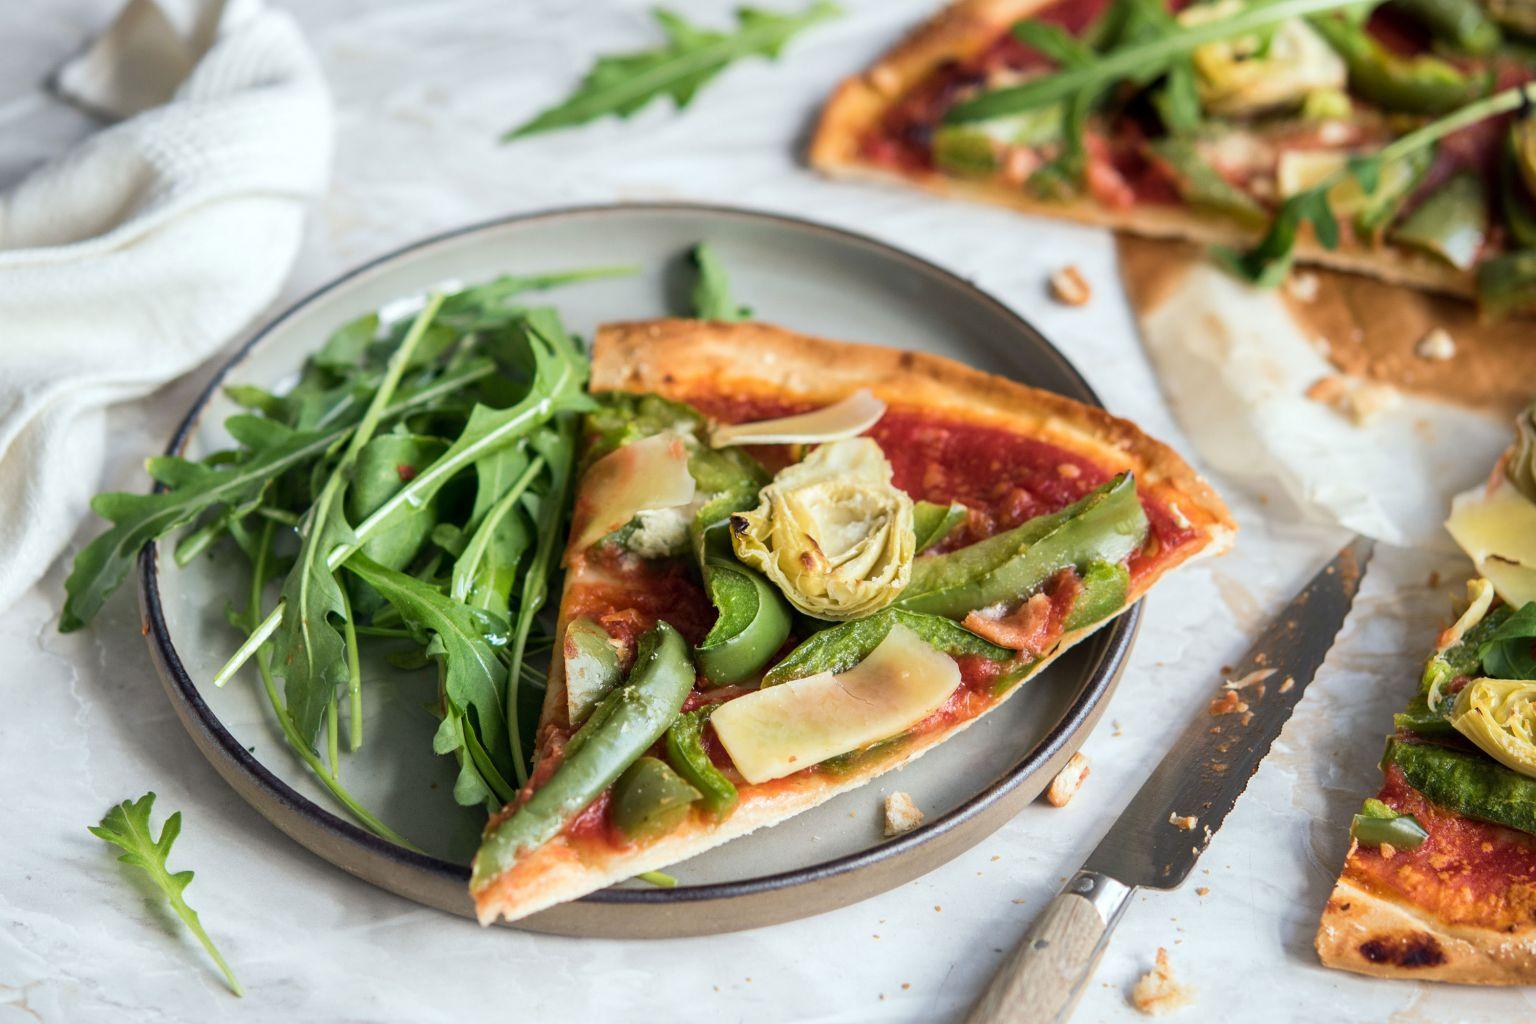 Recette de pizza aux cœurs d'artichaut et légumes printaniers